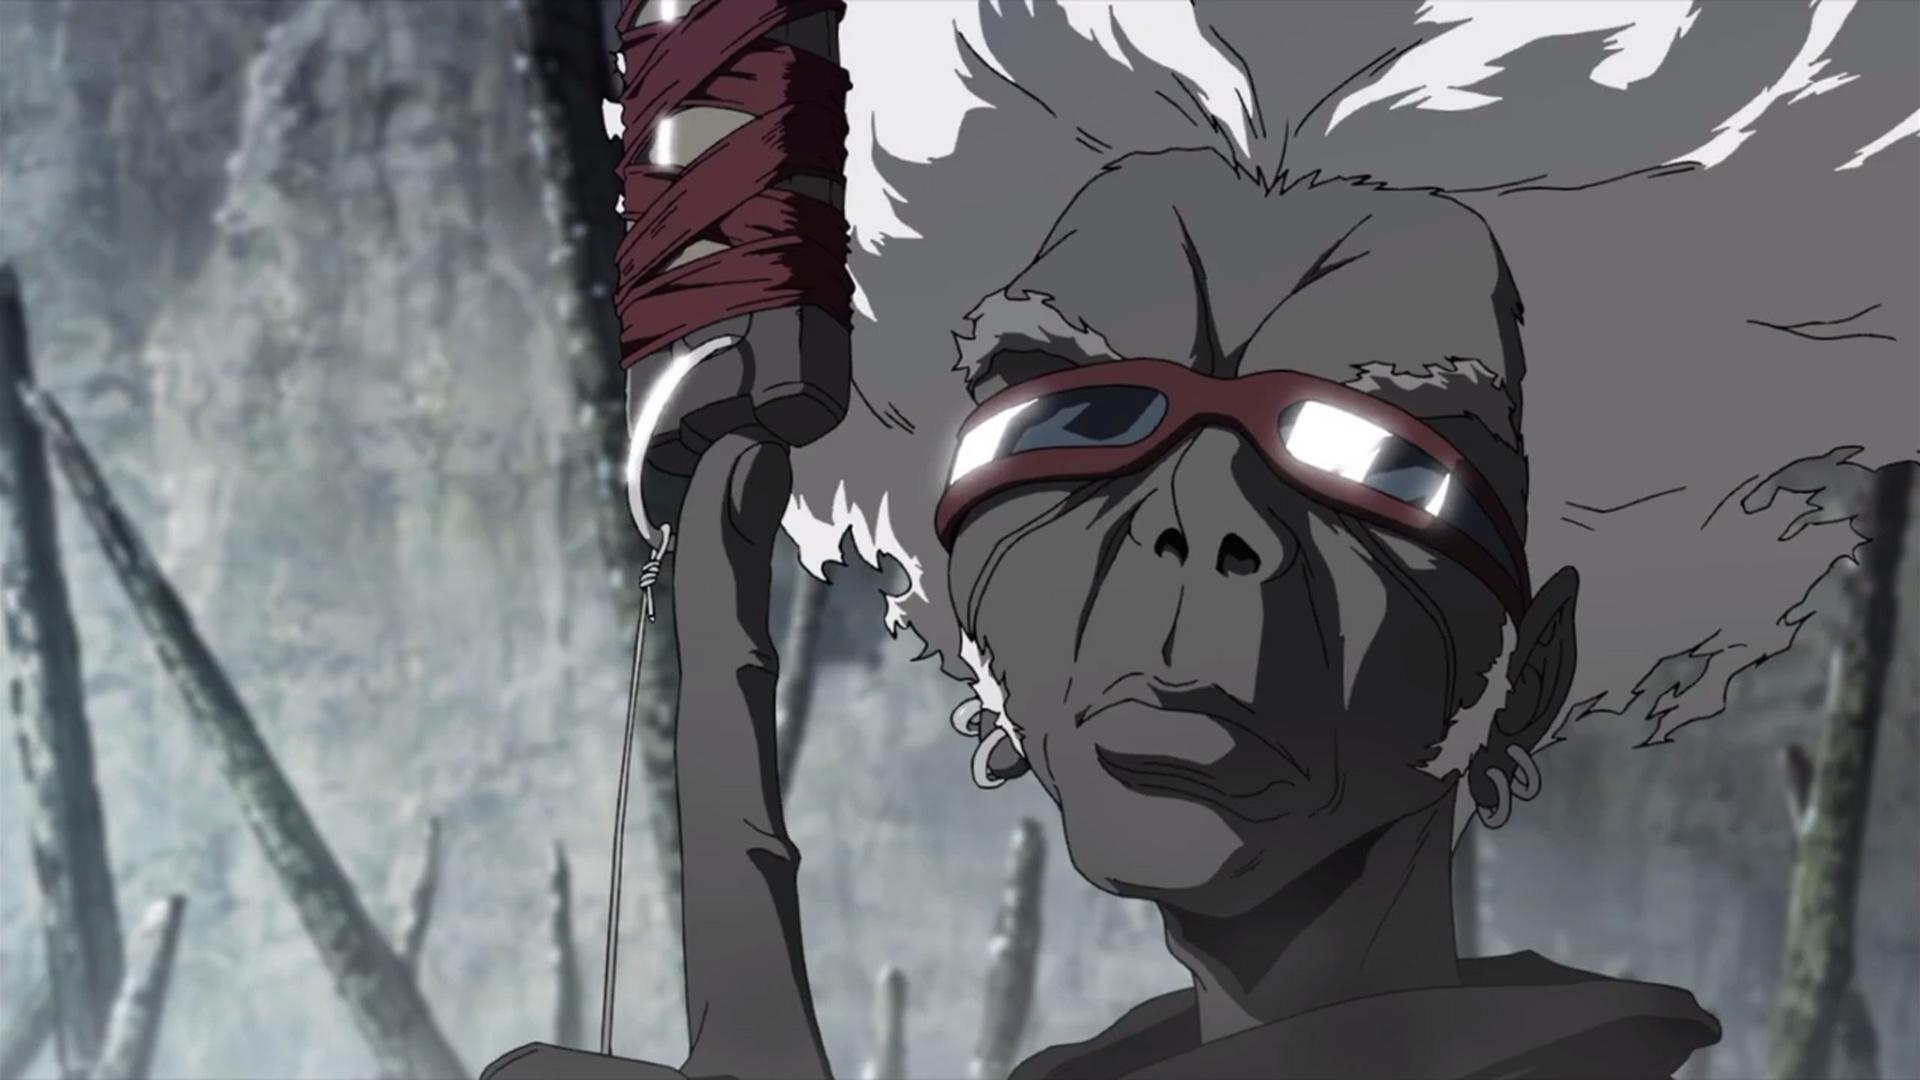 فيلم الأنمي Afro Samurai: Resurrection مترجم - Anime PRO